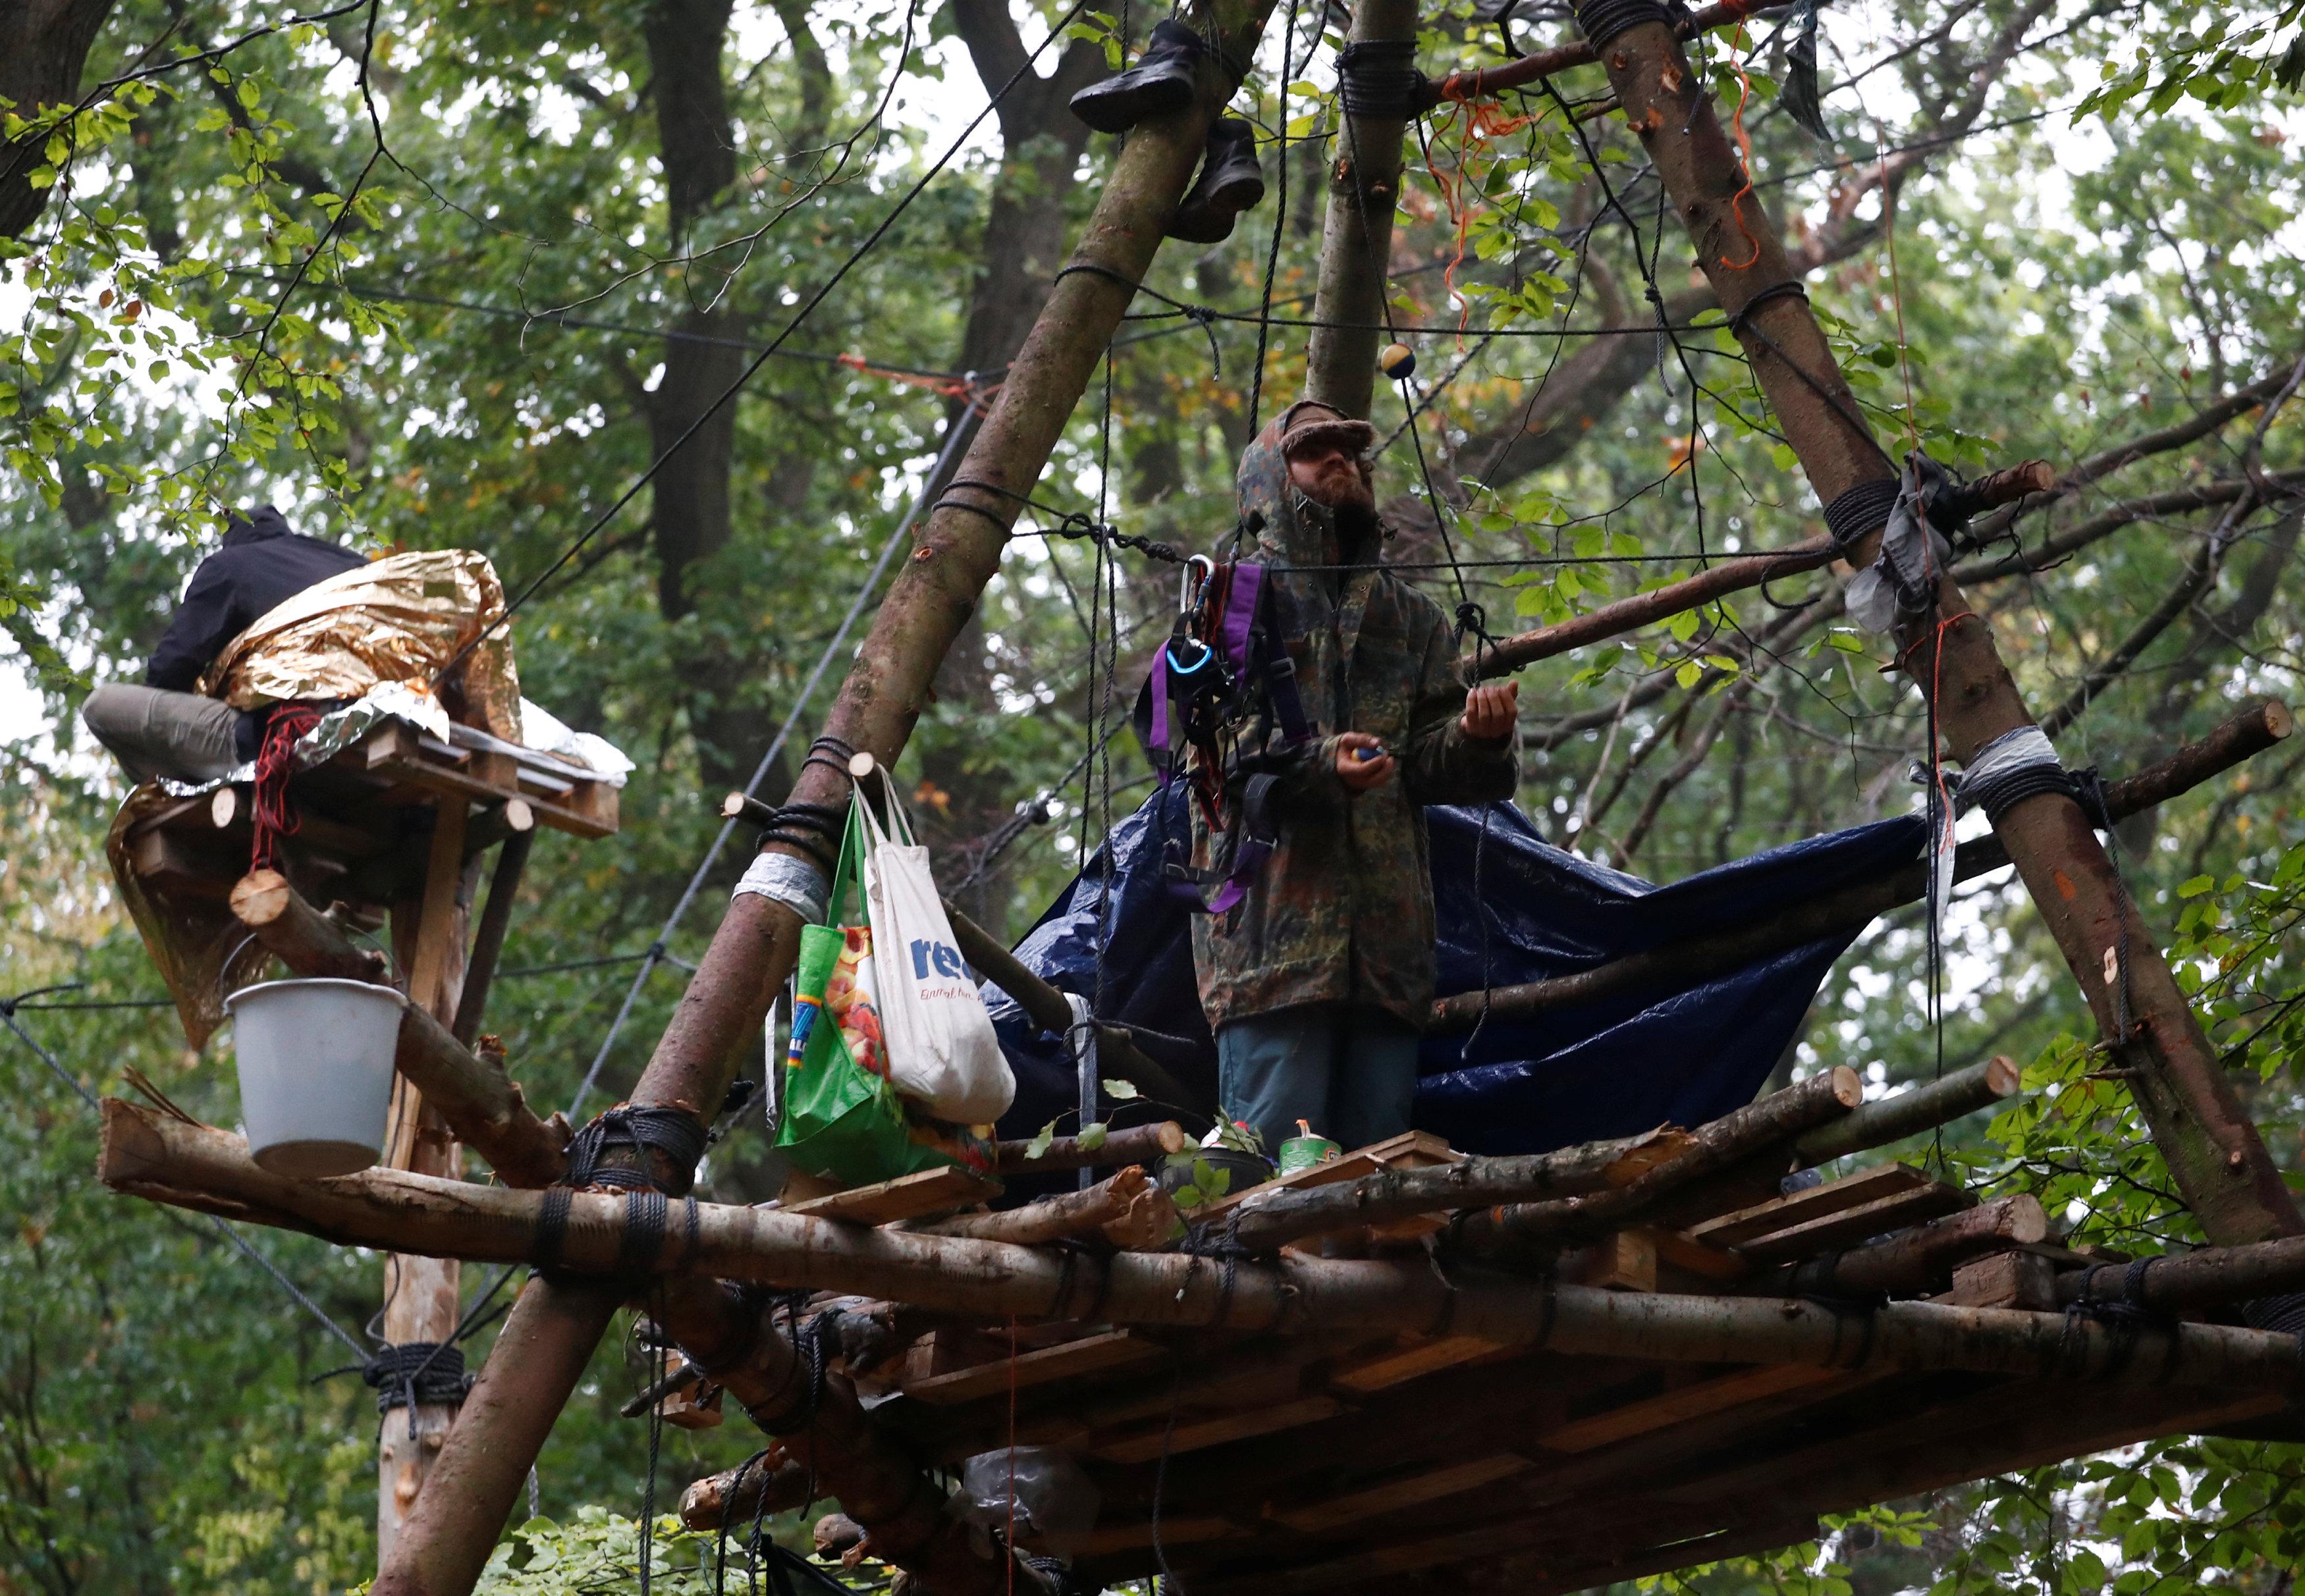 محتجون يصنعون بيوتا على الأشجار